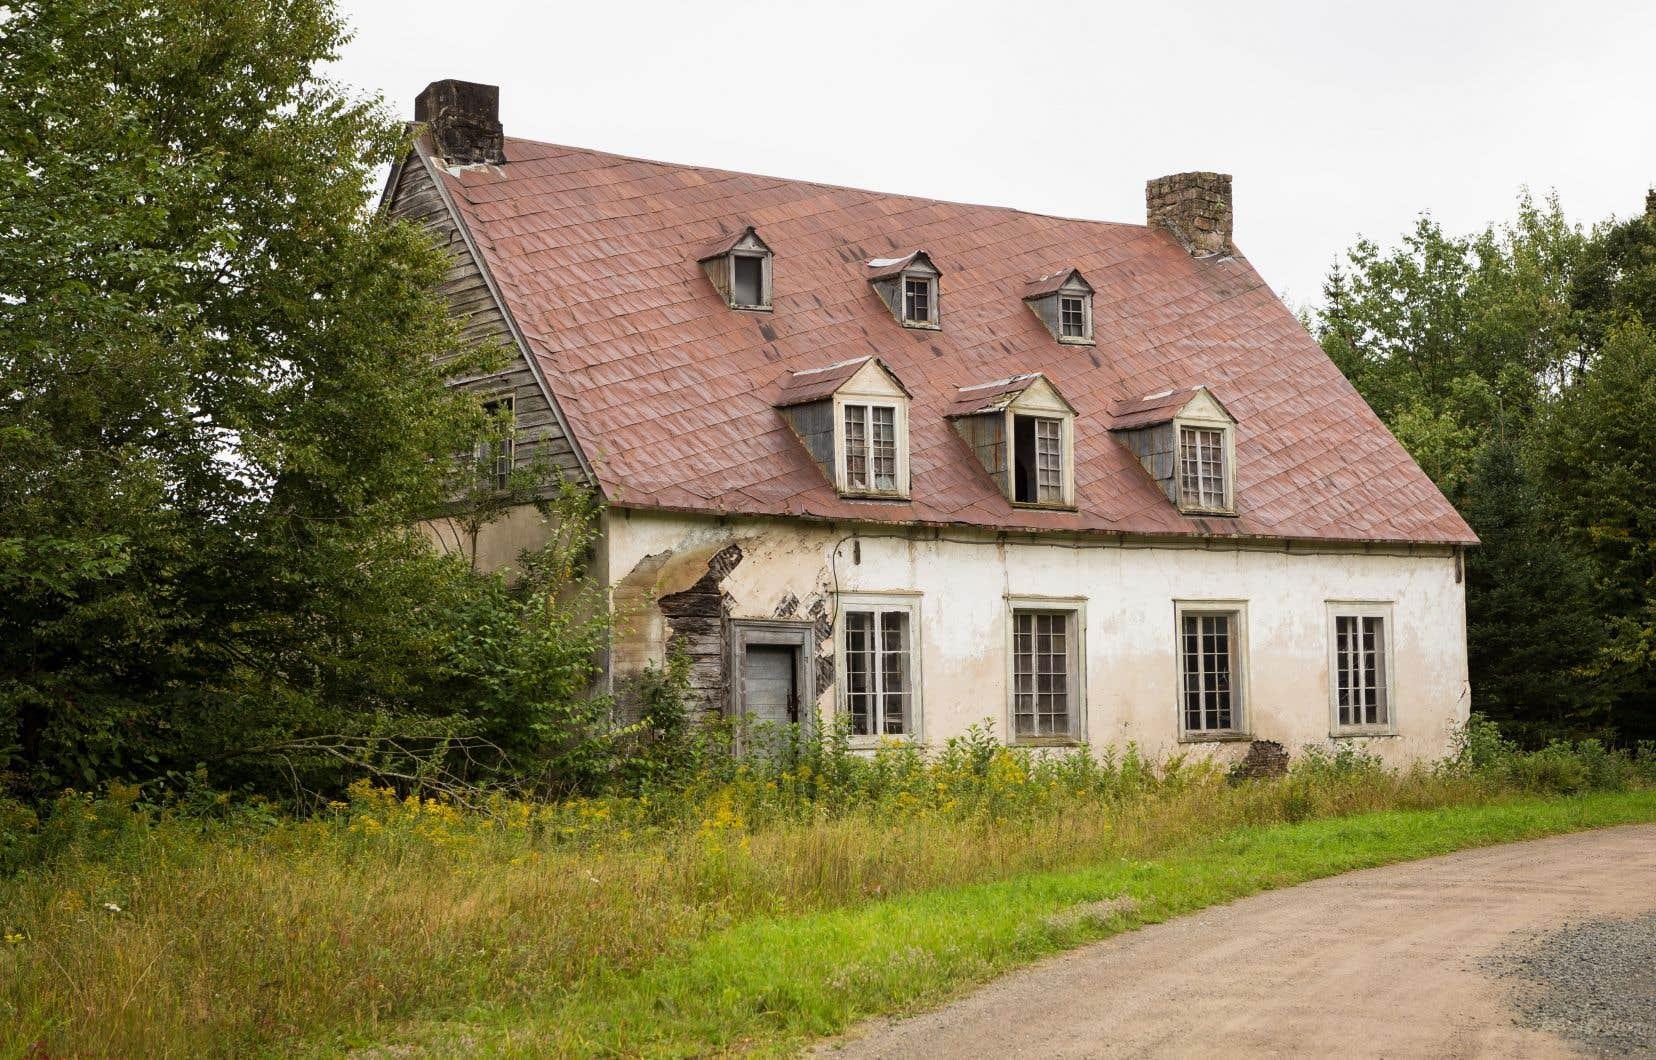 La maison construite au XIXe siècle par John Neilson à Saint-Gabriel-de-Valcartier avait suscité l'intérêt des médias en 2017 alors qu'elle était laissée à l'abandon. L'auteur du texte déplore que l'approche de sensibilisation du patrimoine au Québec passe par la consternation plutôt que par la mise en relief de sa richesse.